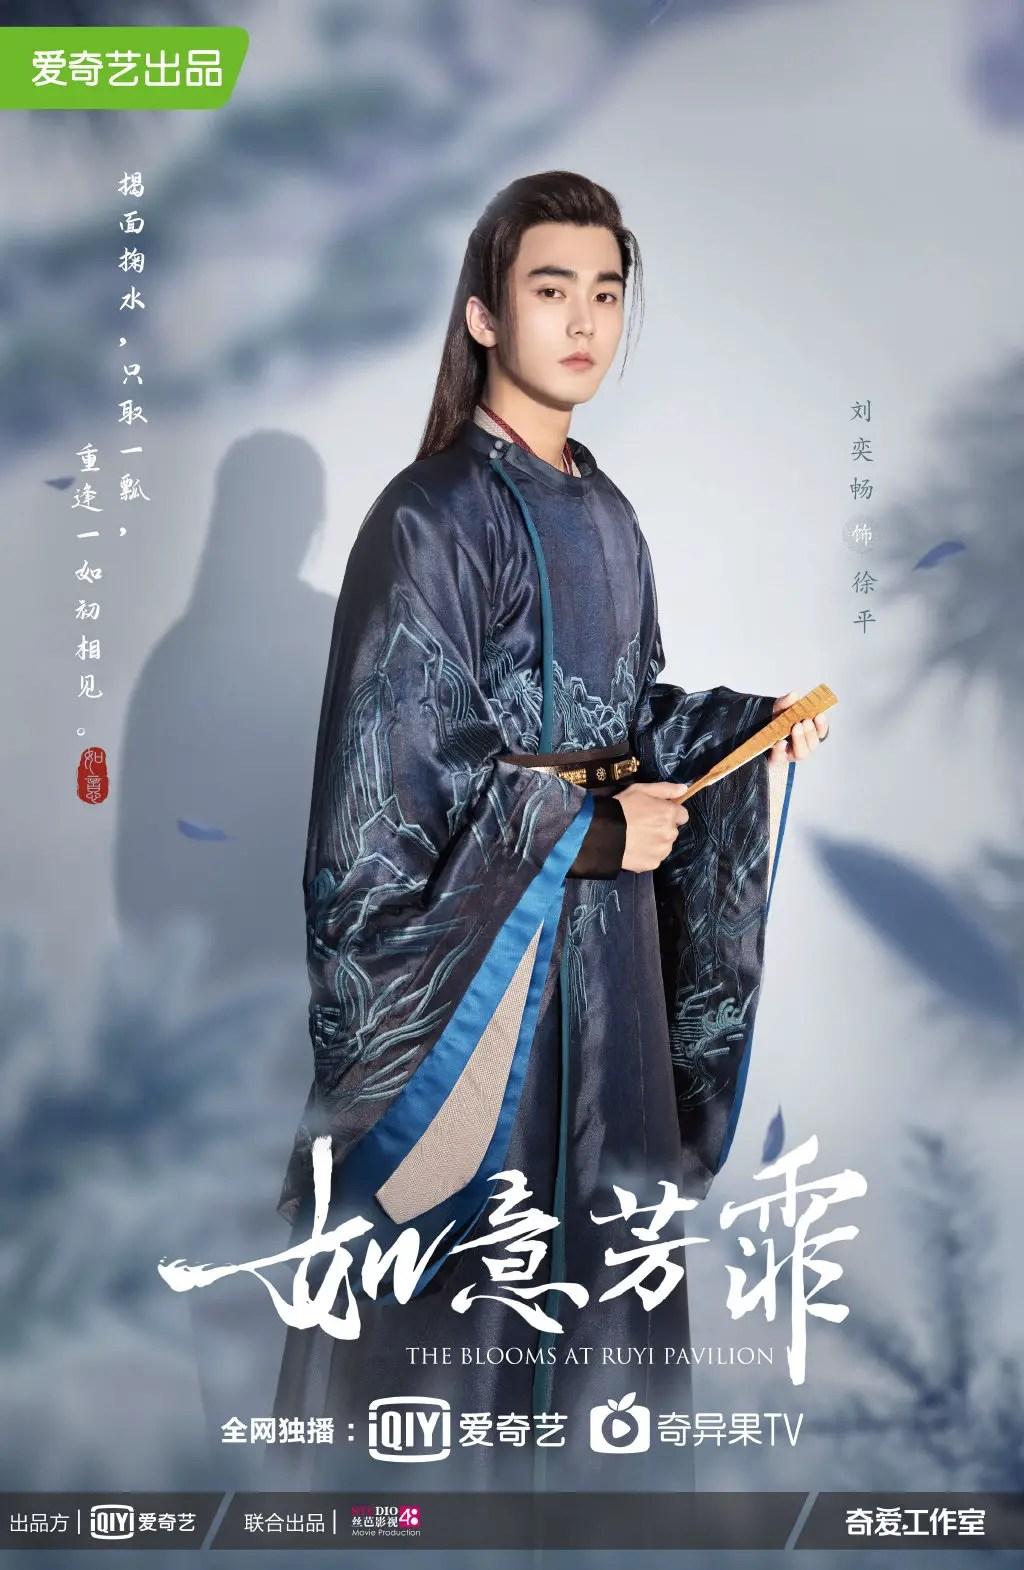 Liu Yi Chang